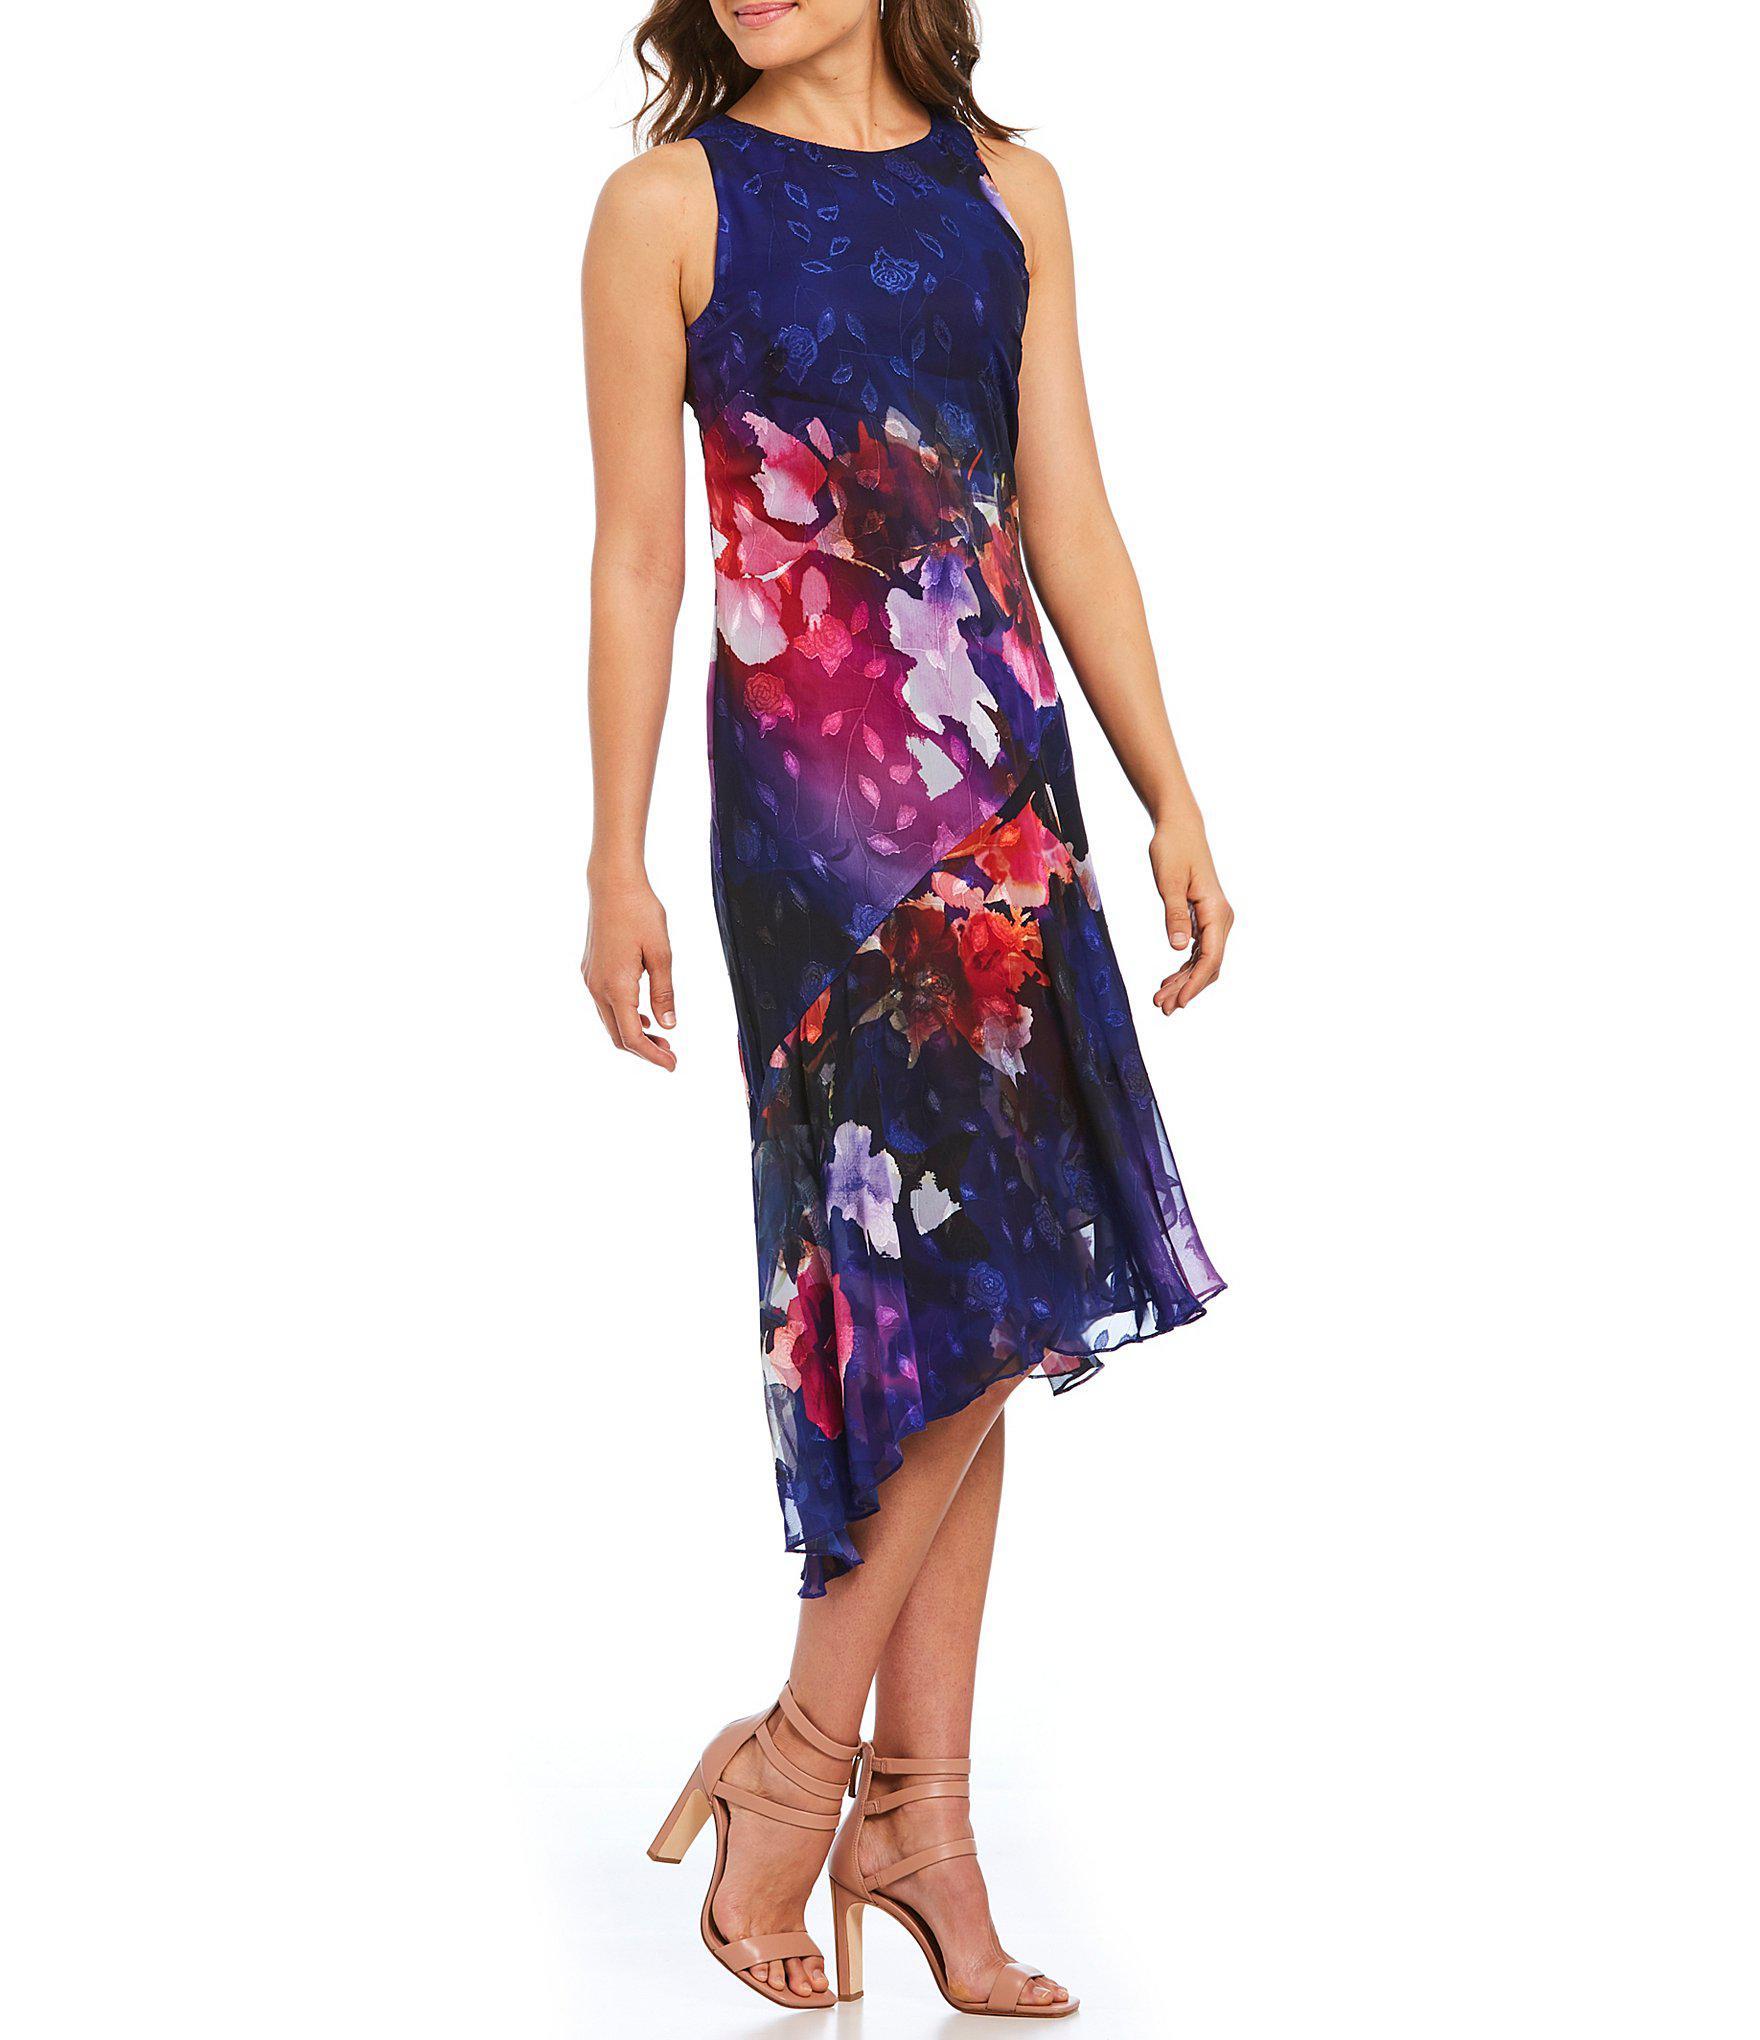 e116af2c80 Lyst - DKNY Donna Karan New York Floral Print Asymmetric Hem Dress ...